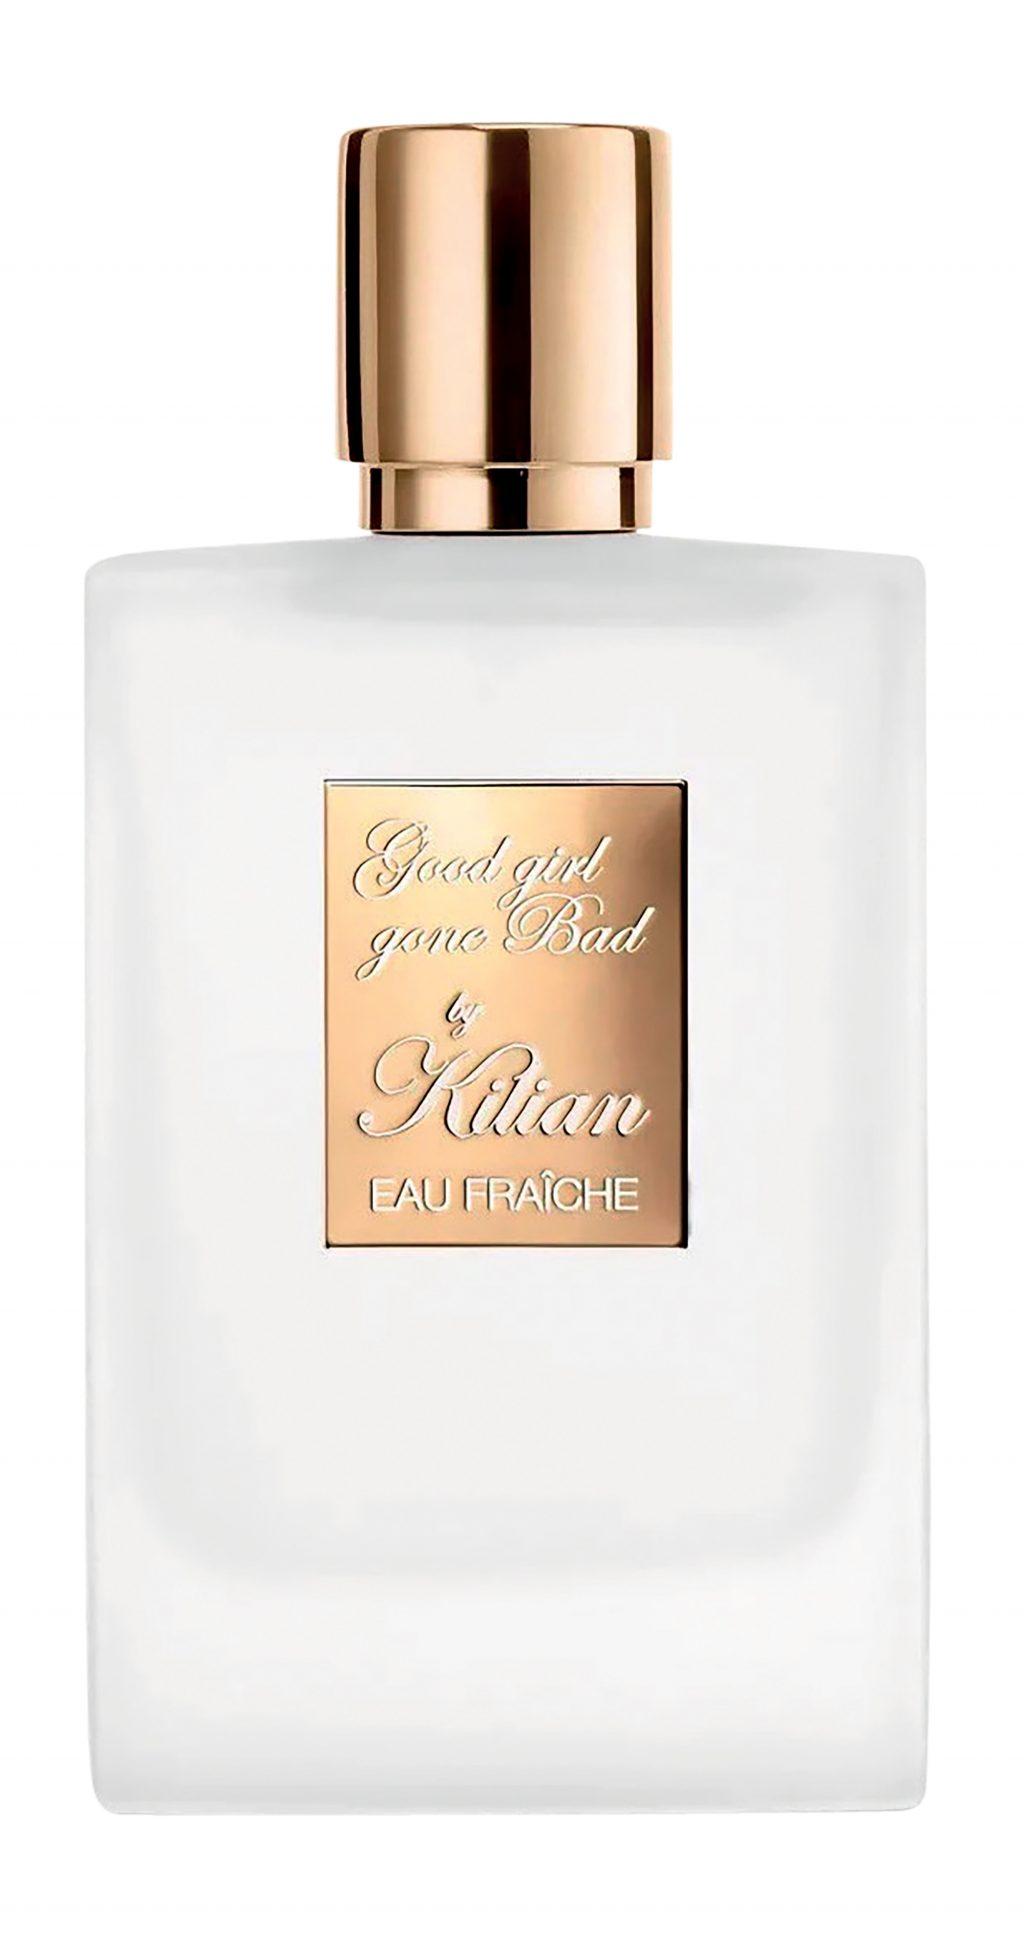 mùi hương nước hoa Good girl gone bad